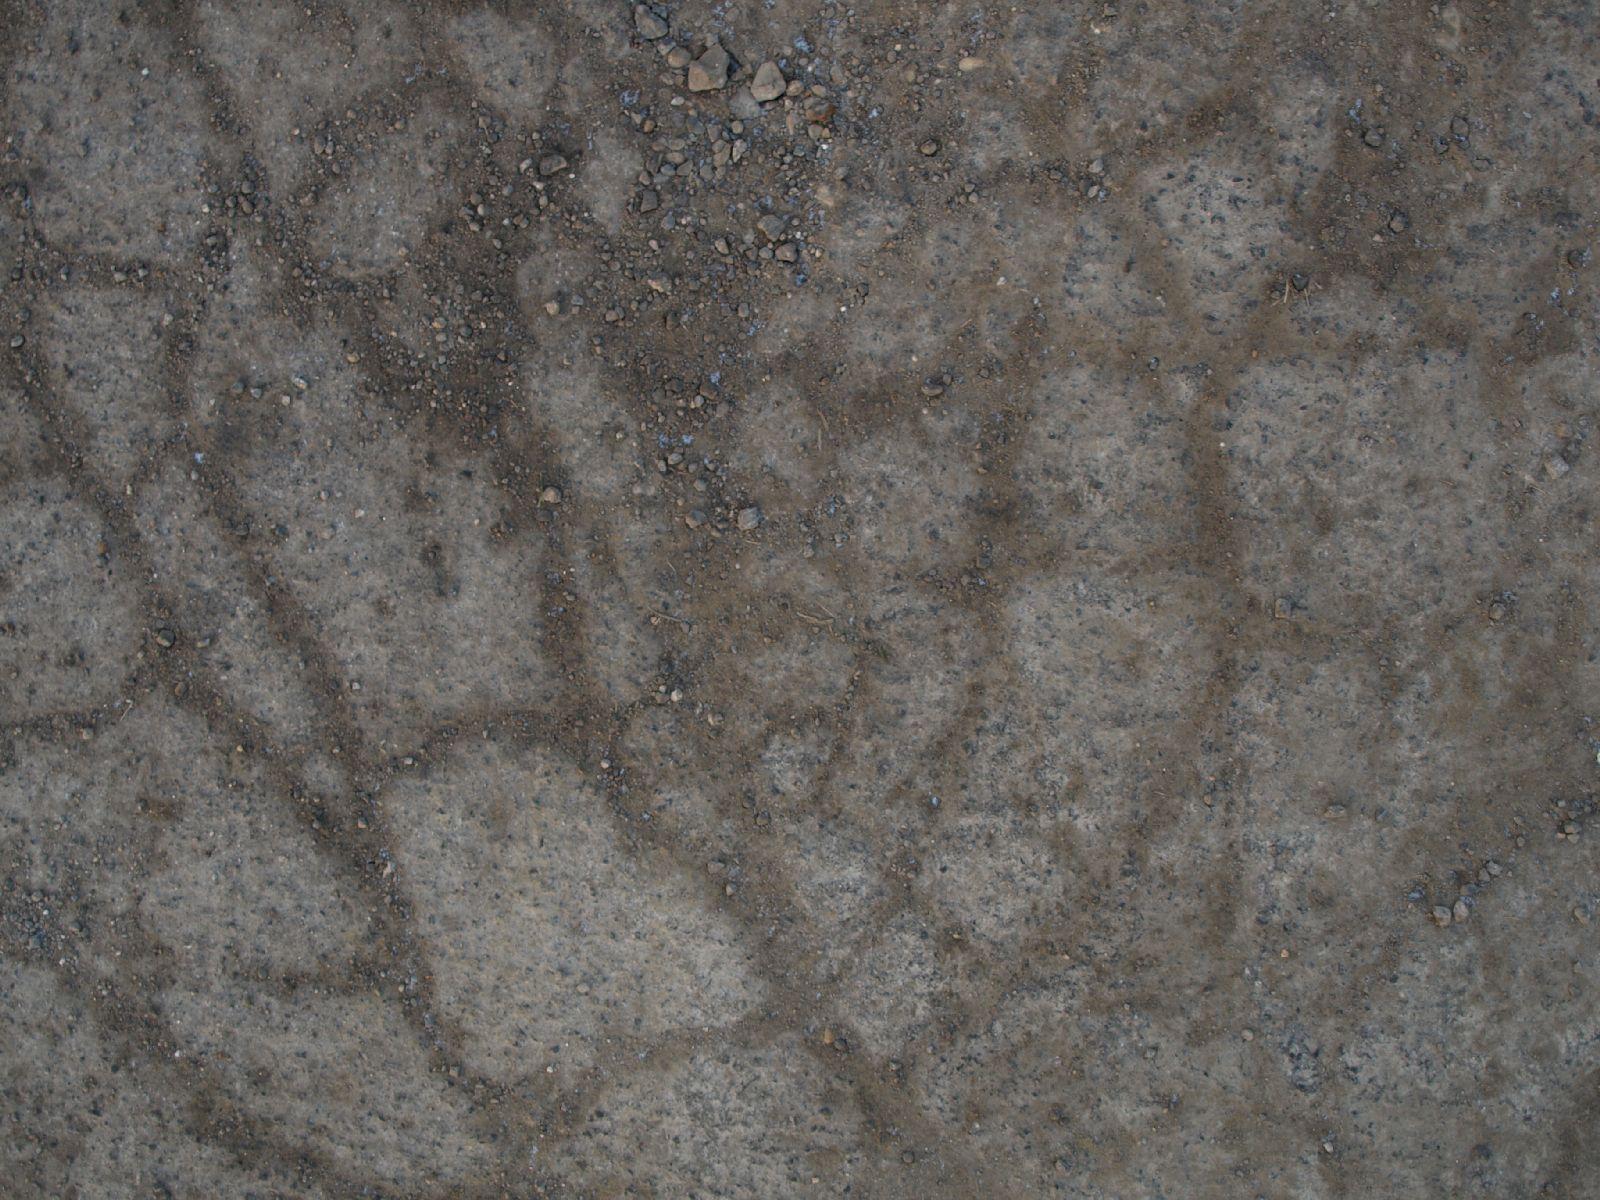 Ground-Urban_Texture_A_P1018633